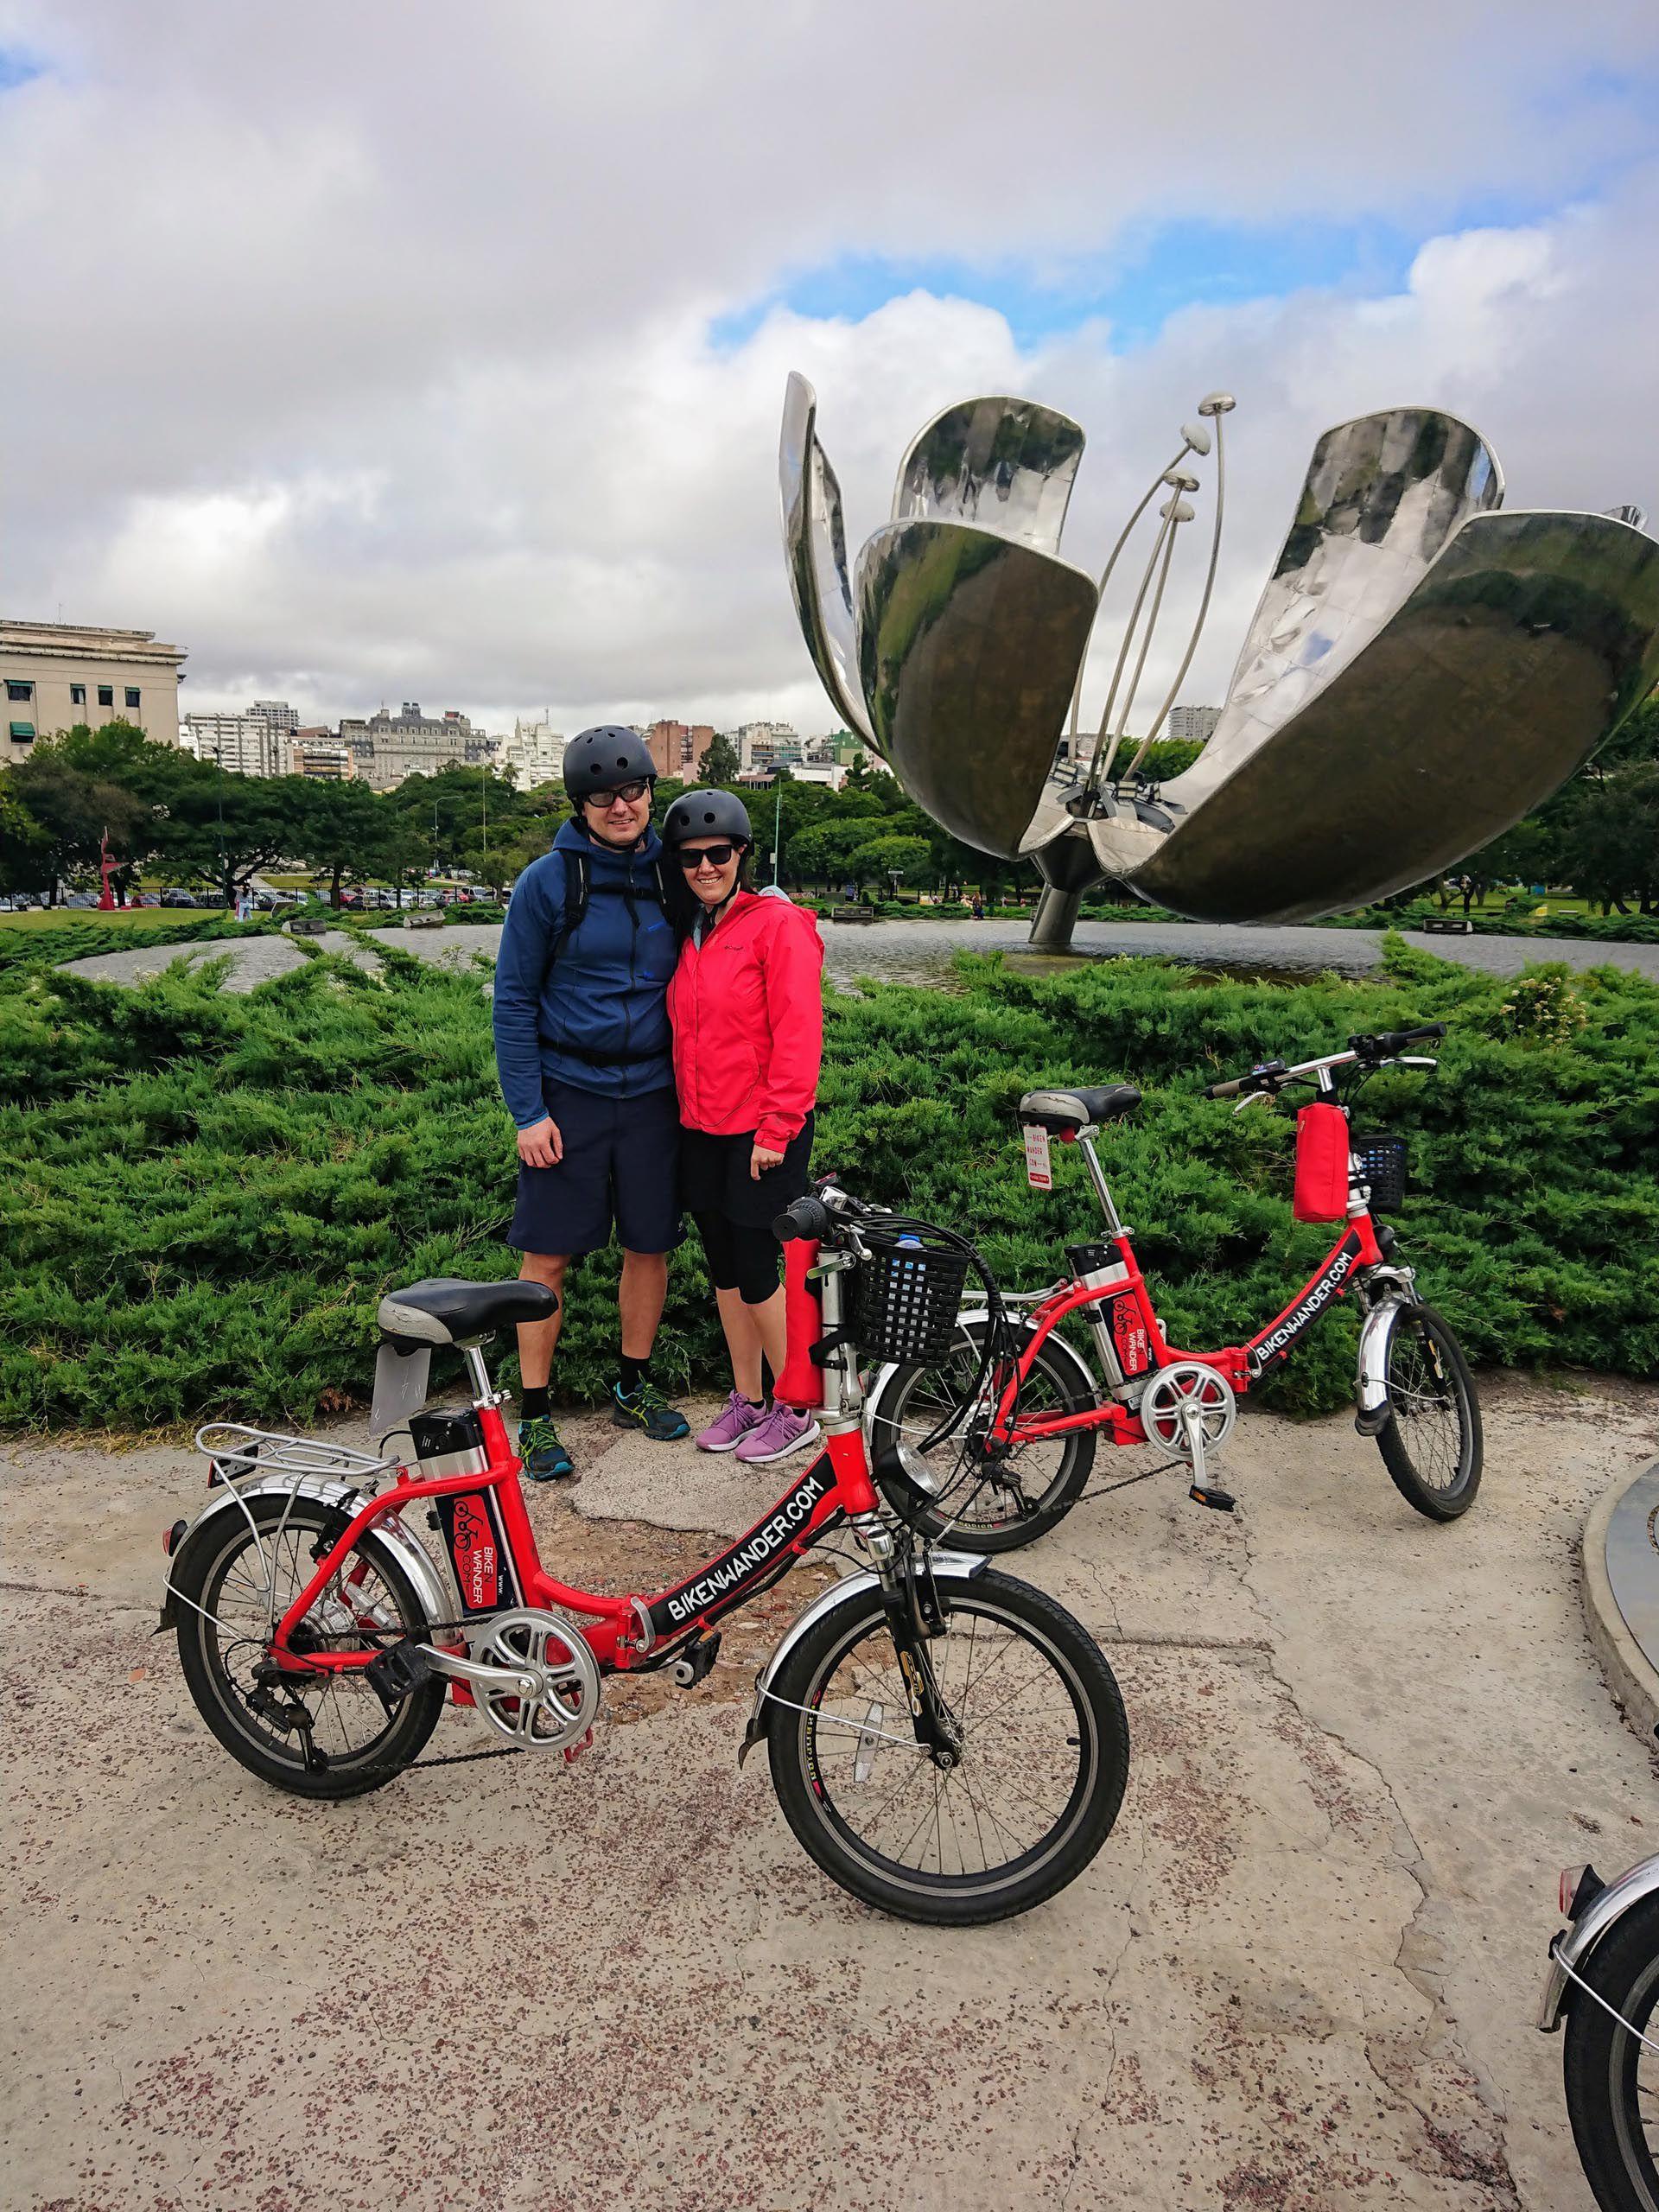 Los tours guíados en bicicletas eléctricas son una forma distinta de recorrer la ciudad